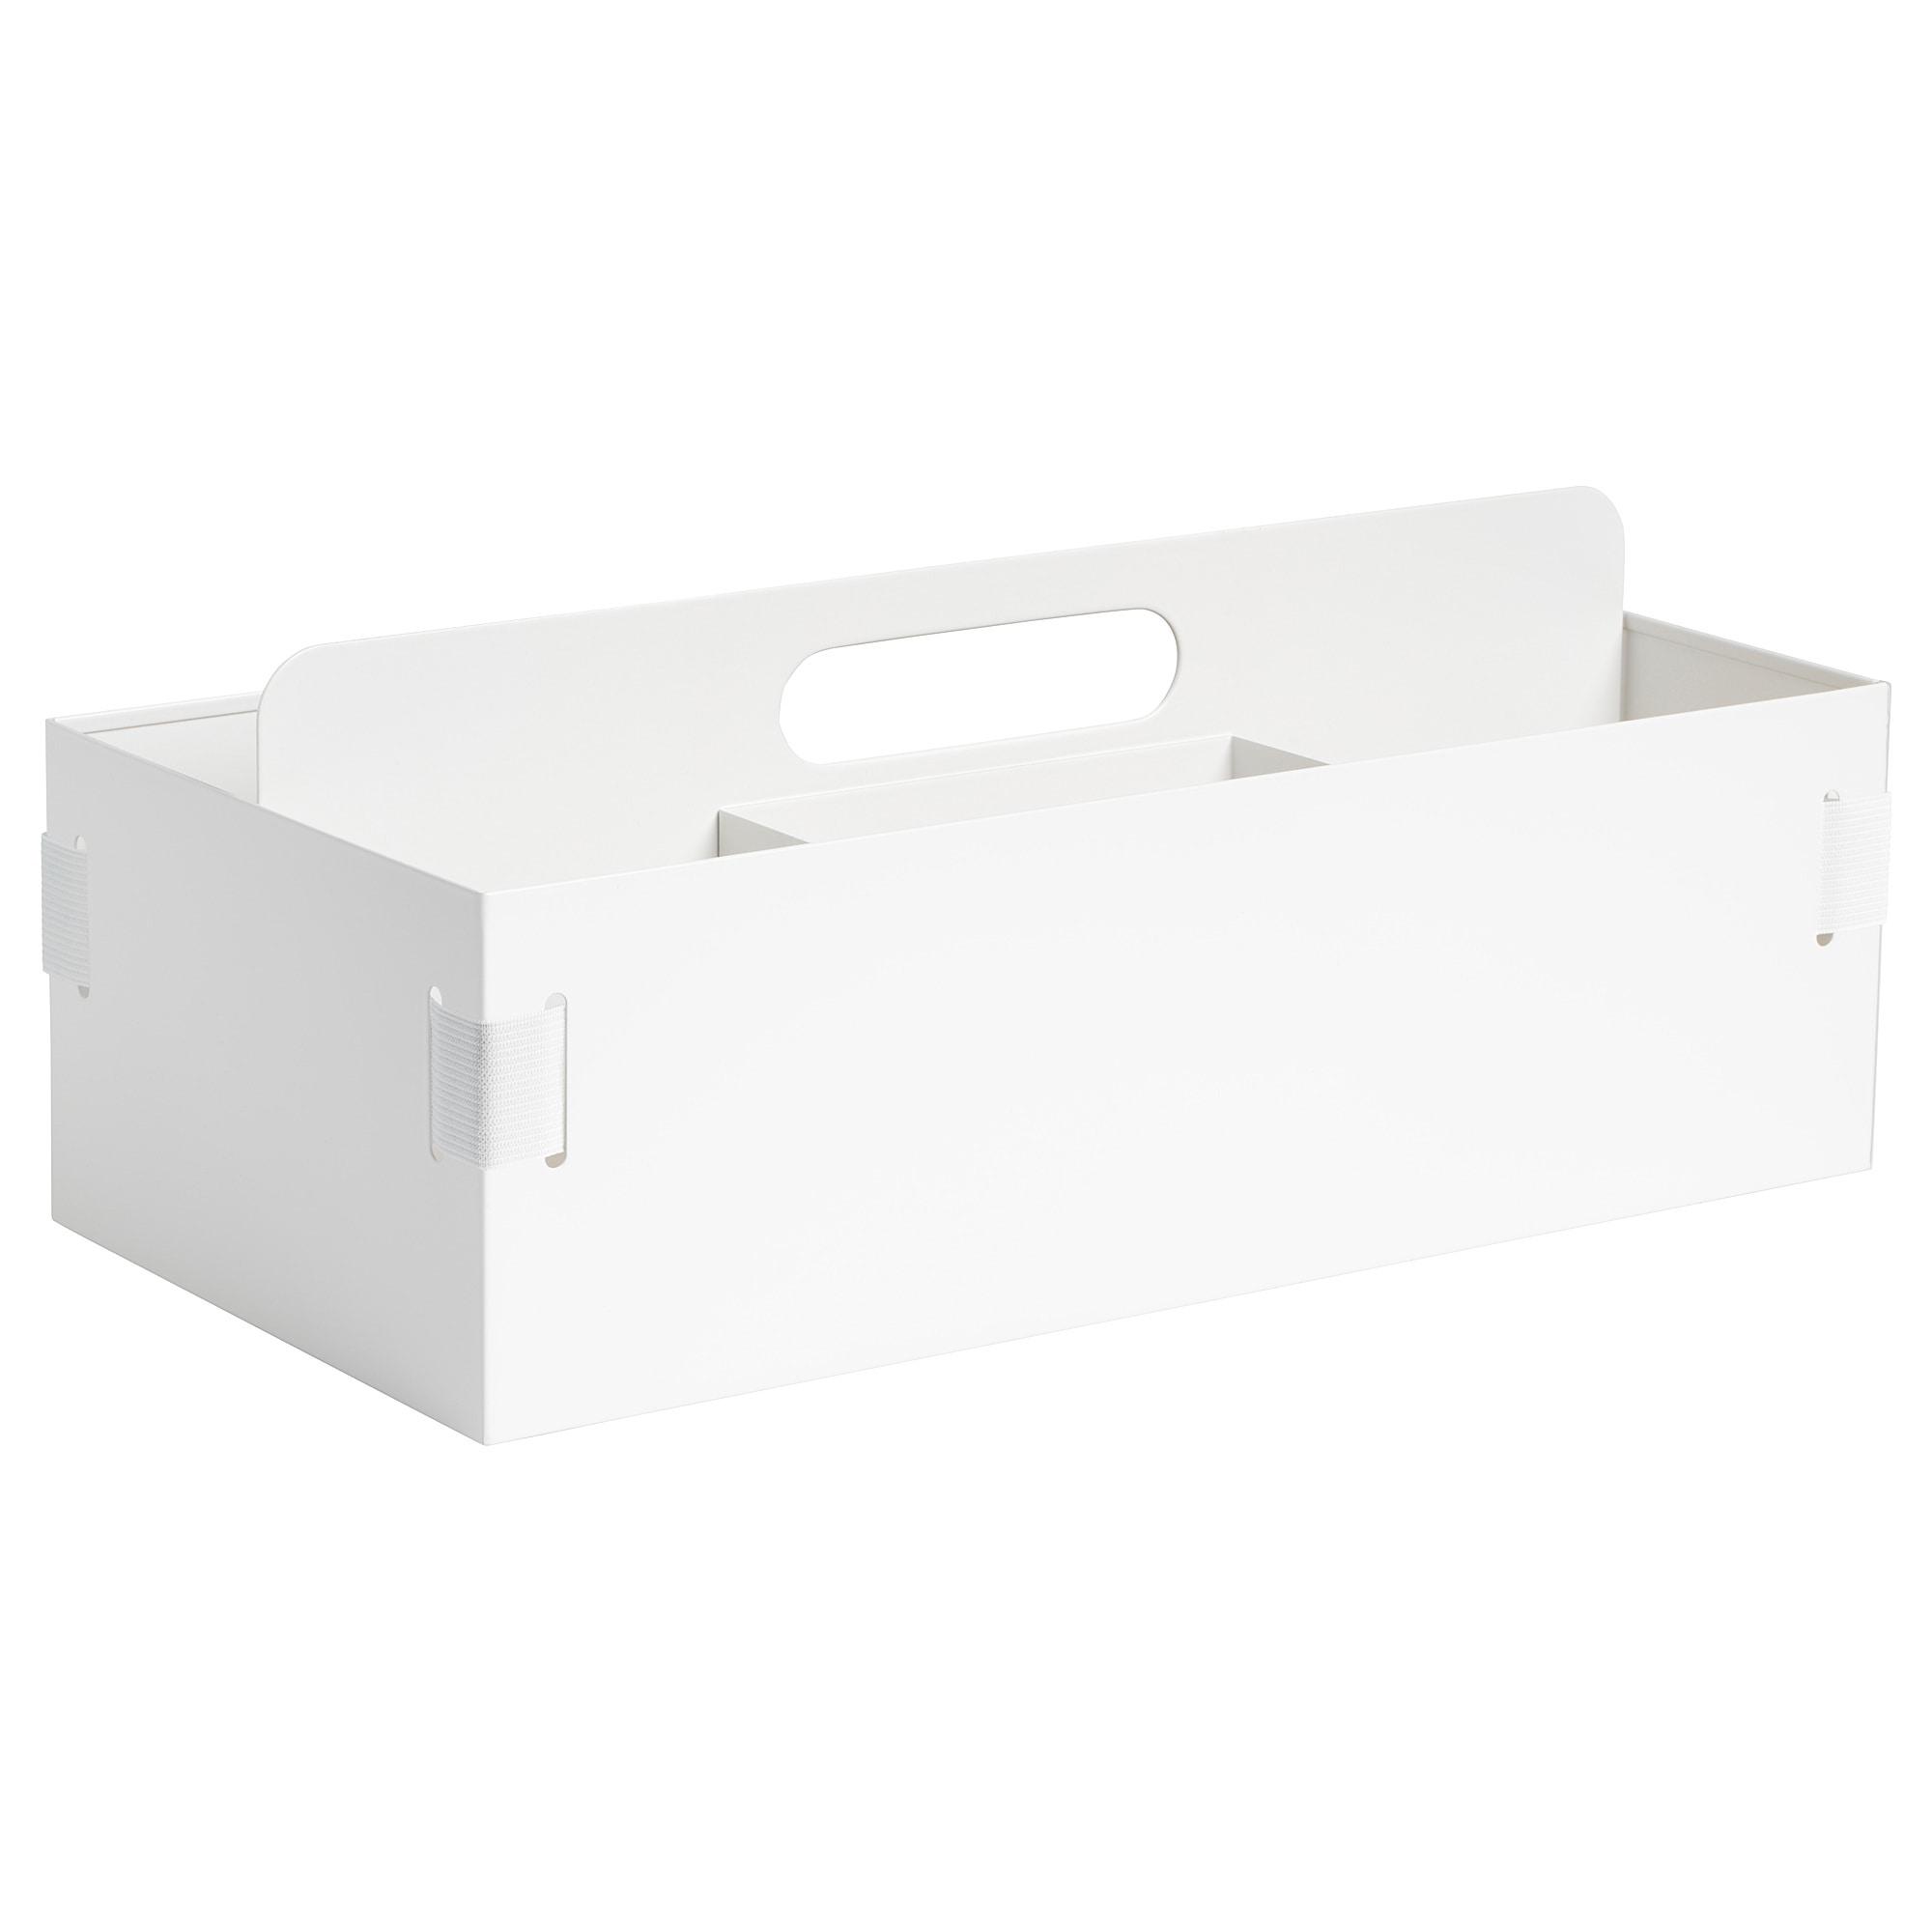 Ikea organizador Escritorio 3ldq Kvissle organizador Escritorio 18 X 36 X 14 Cm Ikea